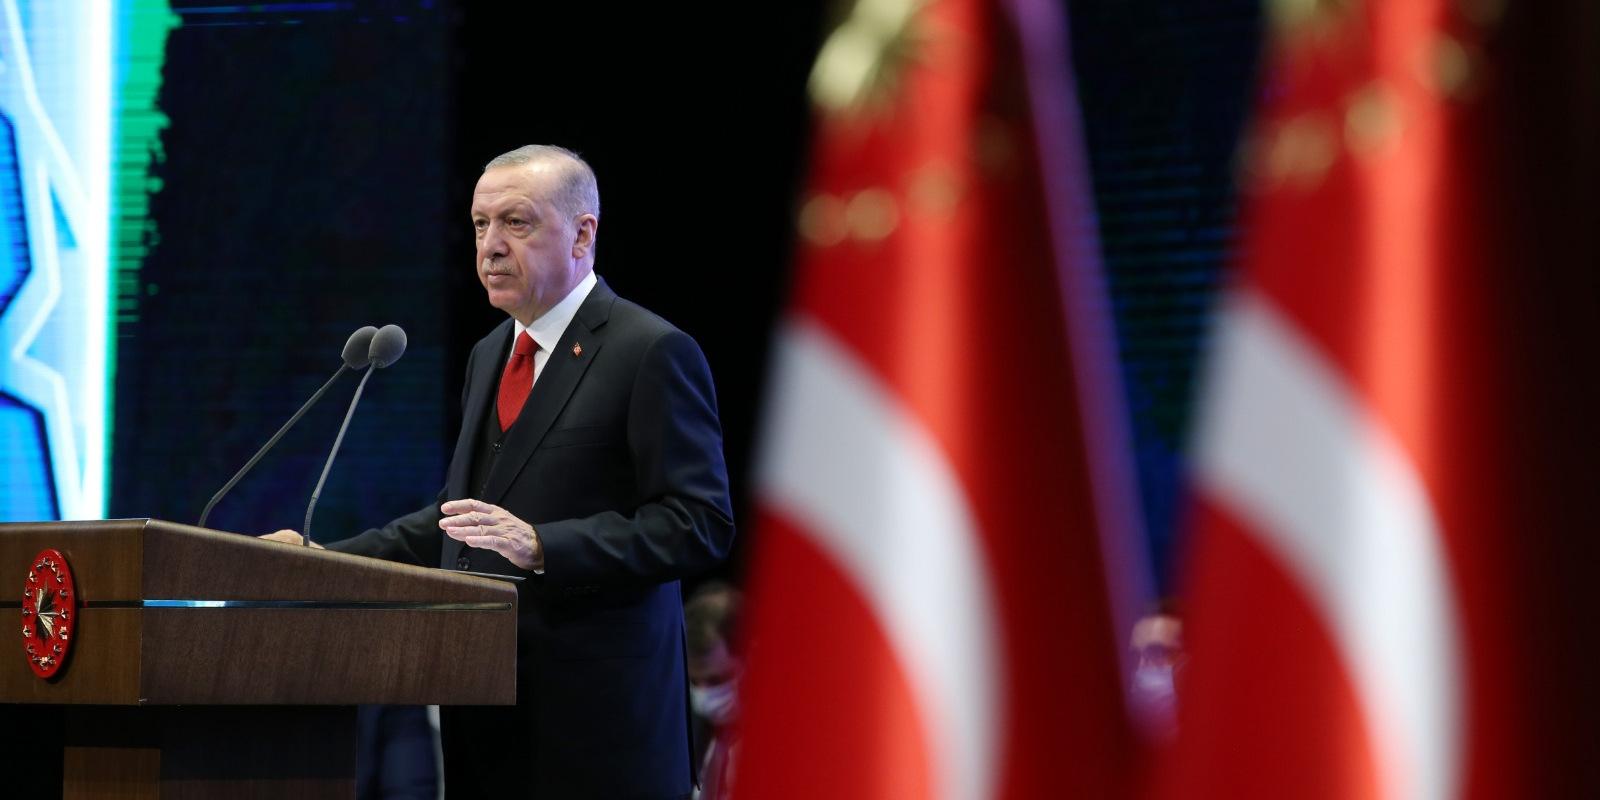 'Suriye' de barış, Batı'nın Türkiye'yi güçlü bir şekilde desteklemesine bağlı'